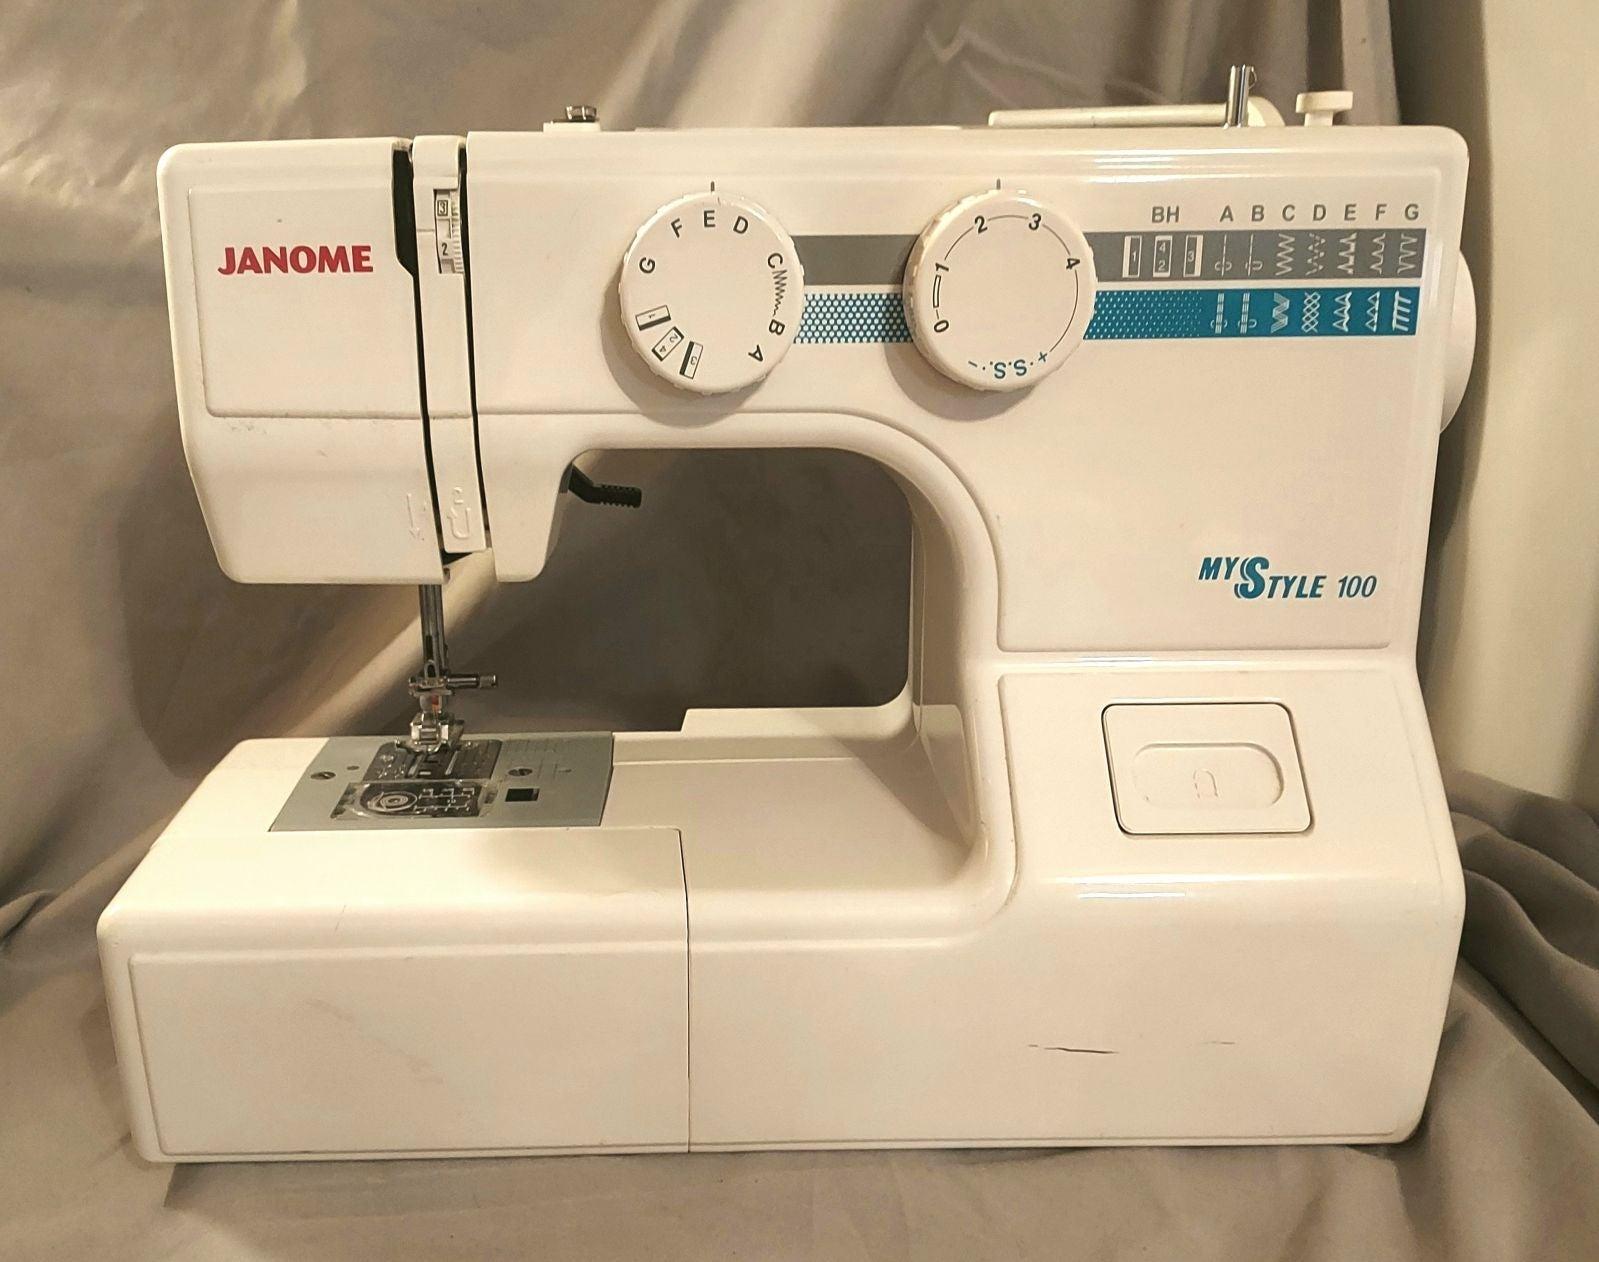 Janome MyStyle100 Sewing Machine